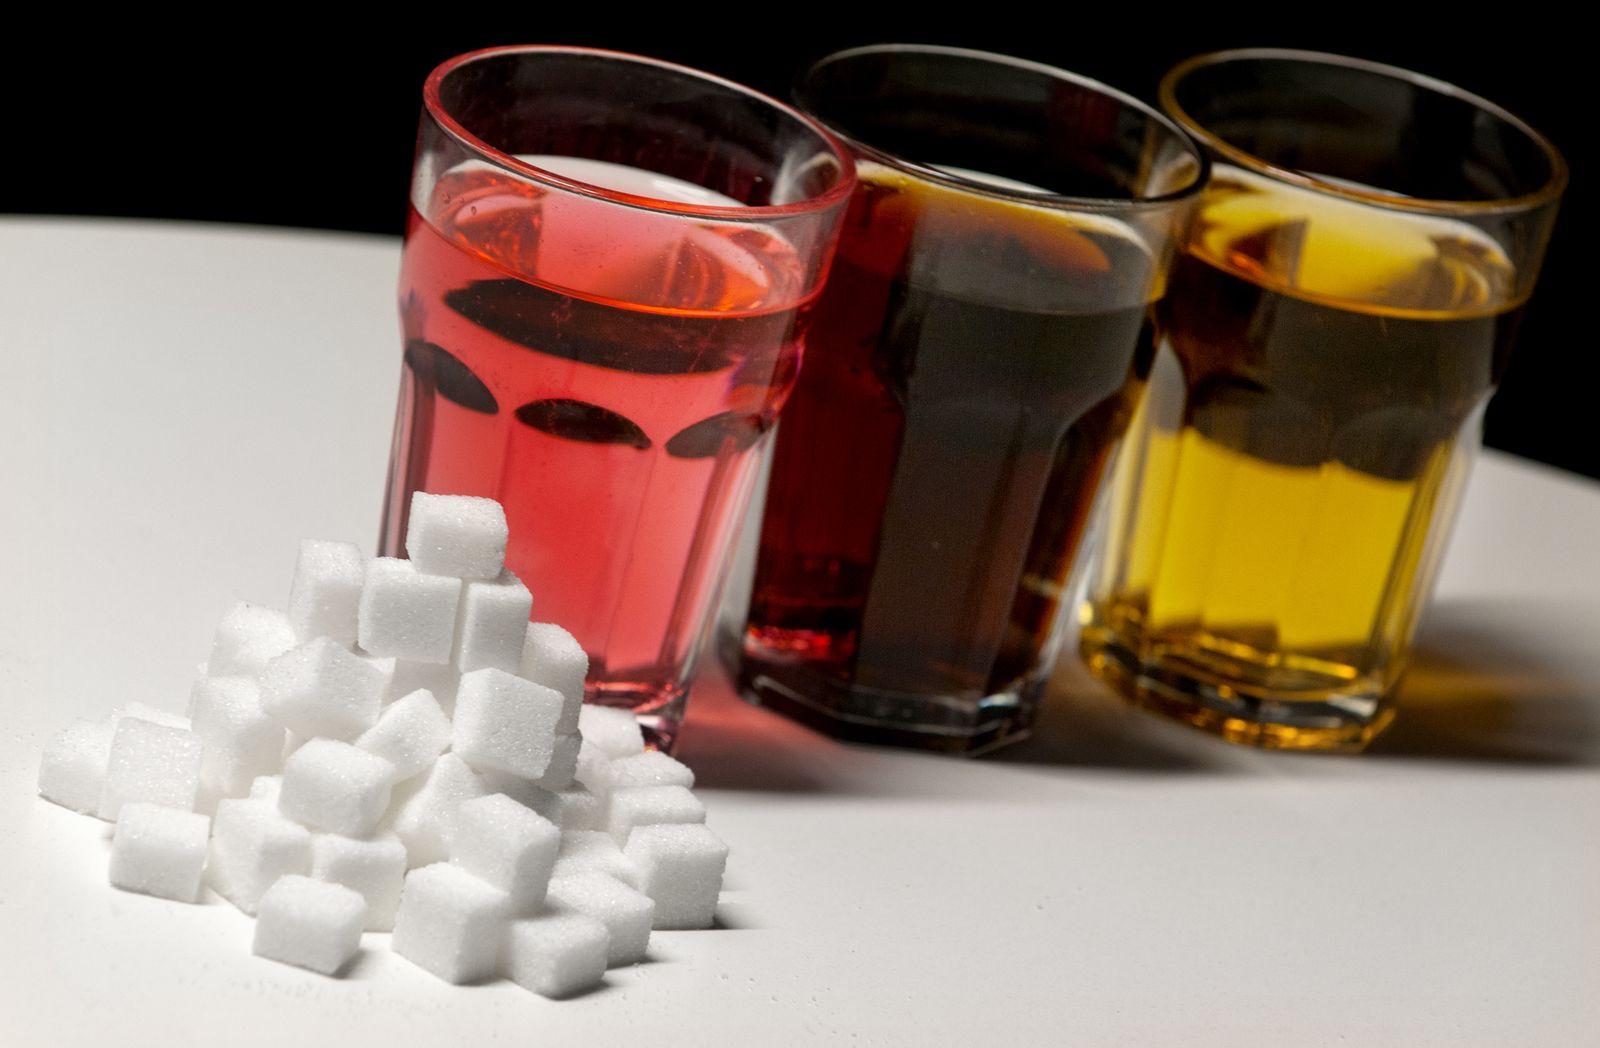 Zuckerhaltige Erfrischungsgetränke / Zucker / Cola